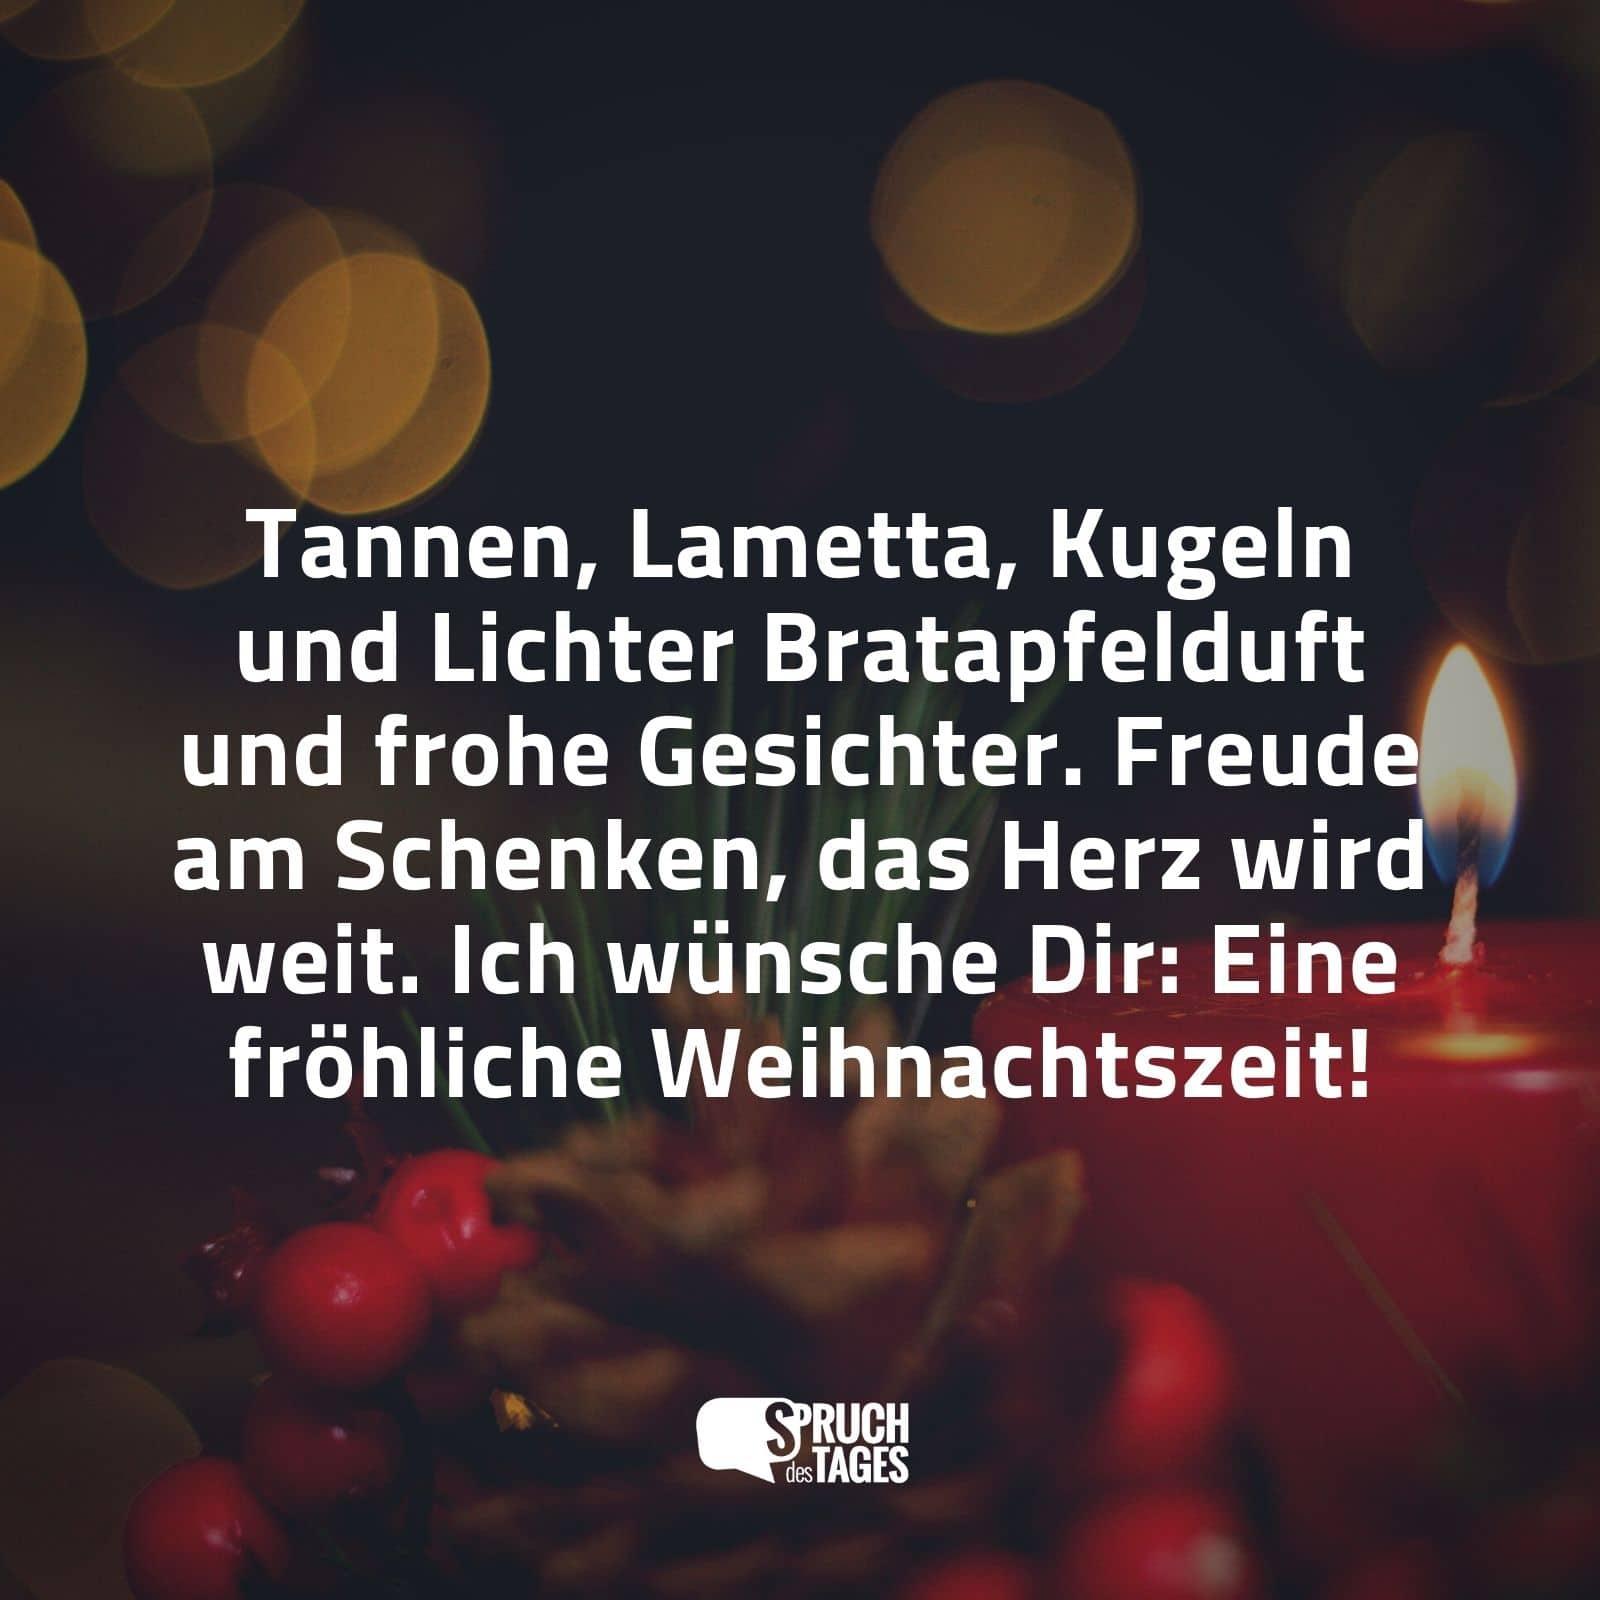 Frohe Weihnachten Besinnliche Sprüche.Weihnachtsgrüße Weihnachtsgedichte Und Weihnachtssprüche